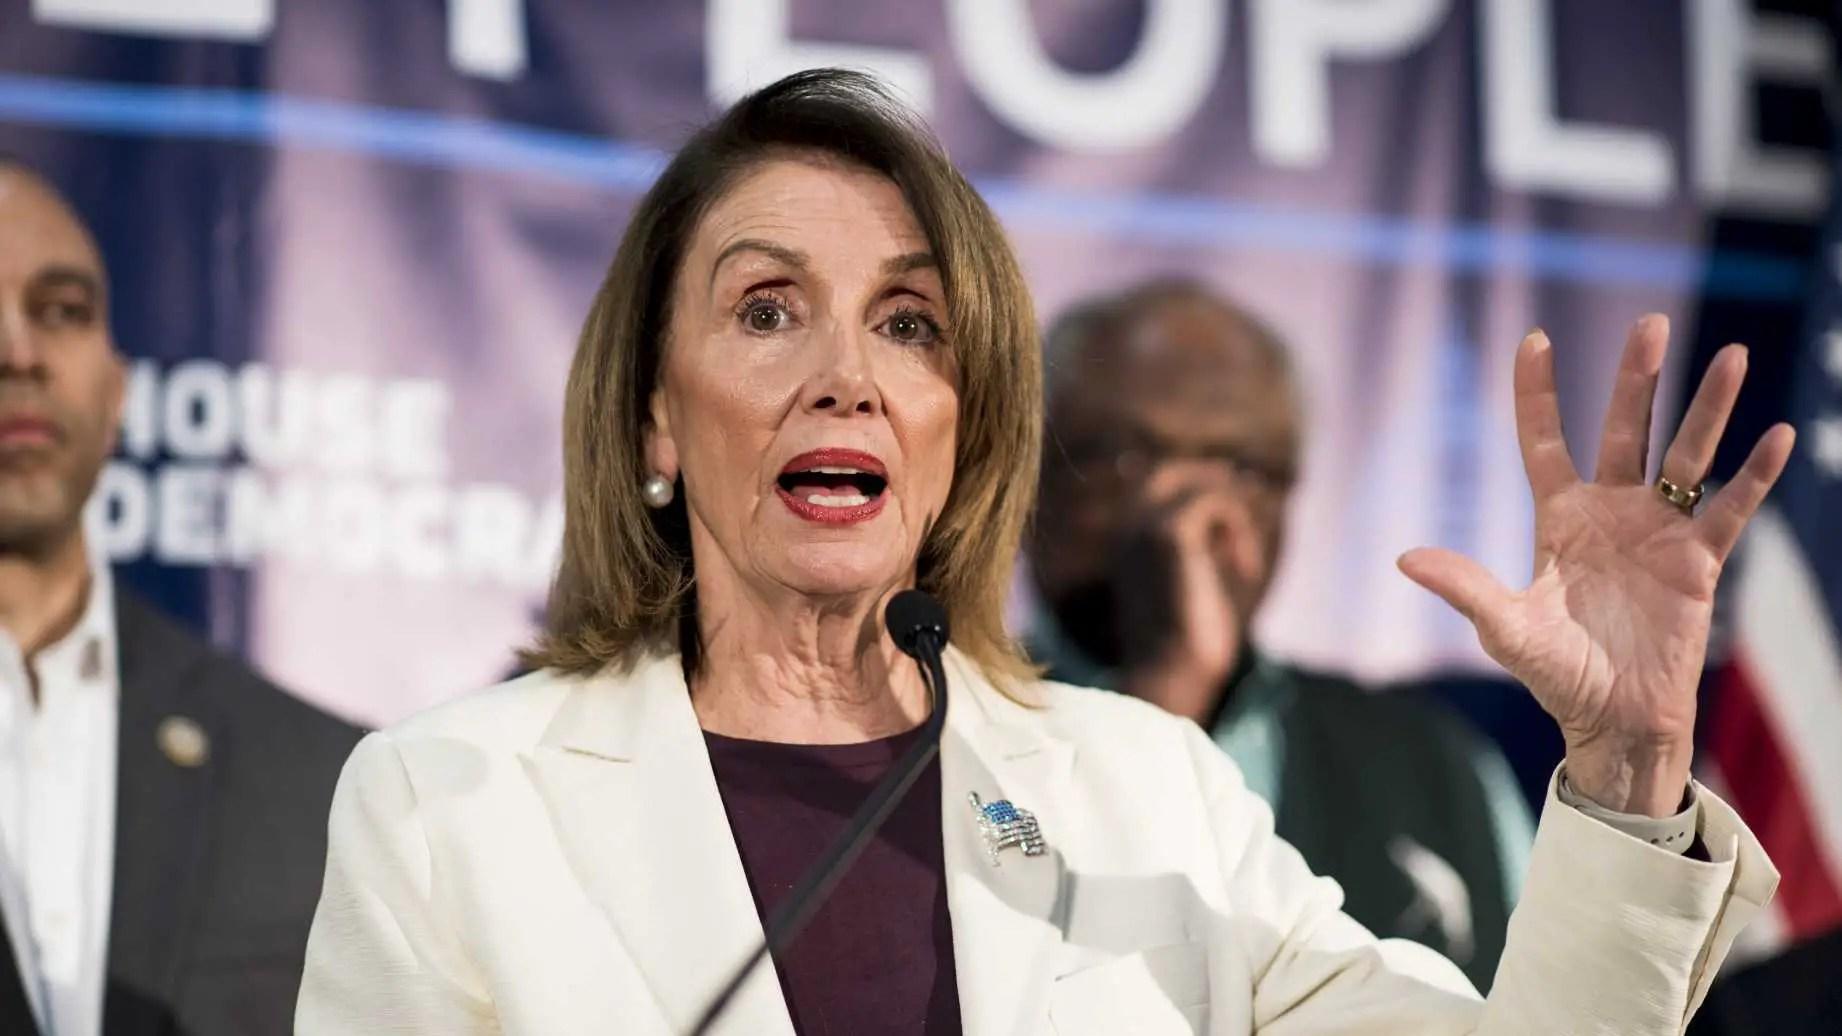 Nancy Pelosi Democrats moderate 2020